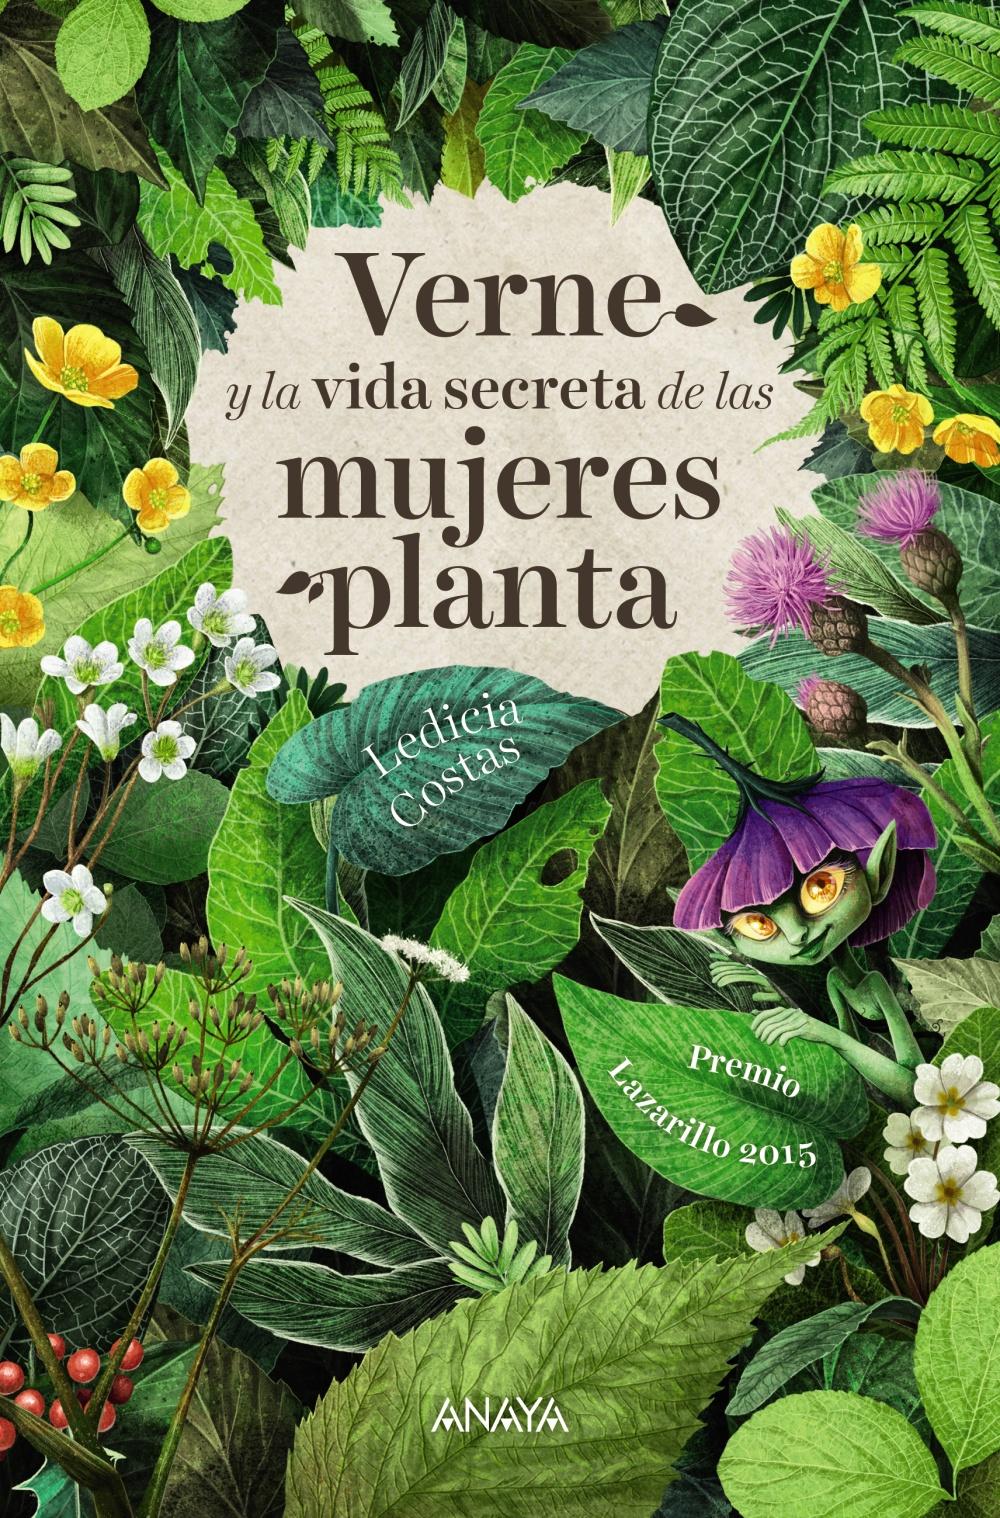 Resultado de imagen de Verne y la vida secreta de las mujeres planta